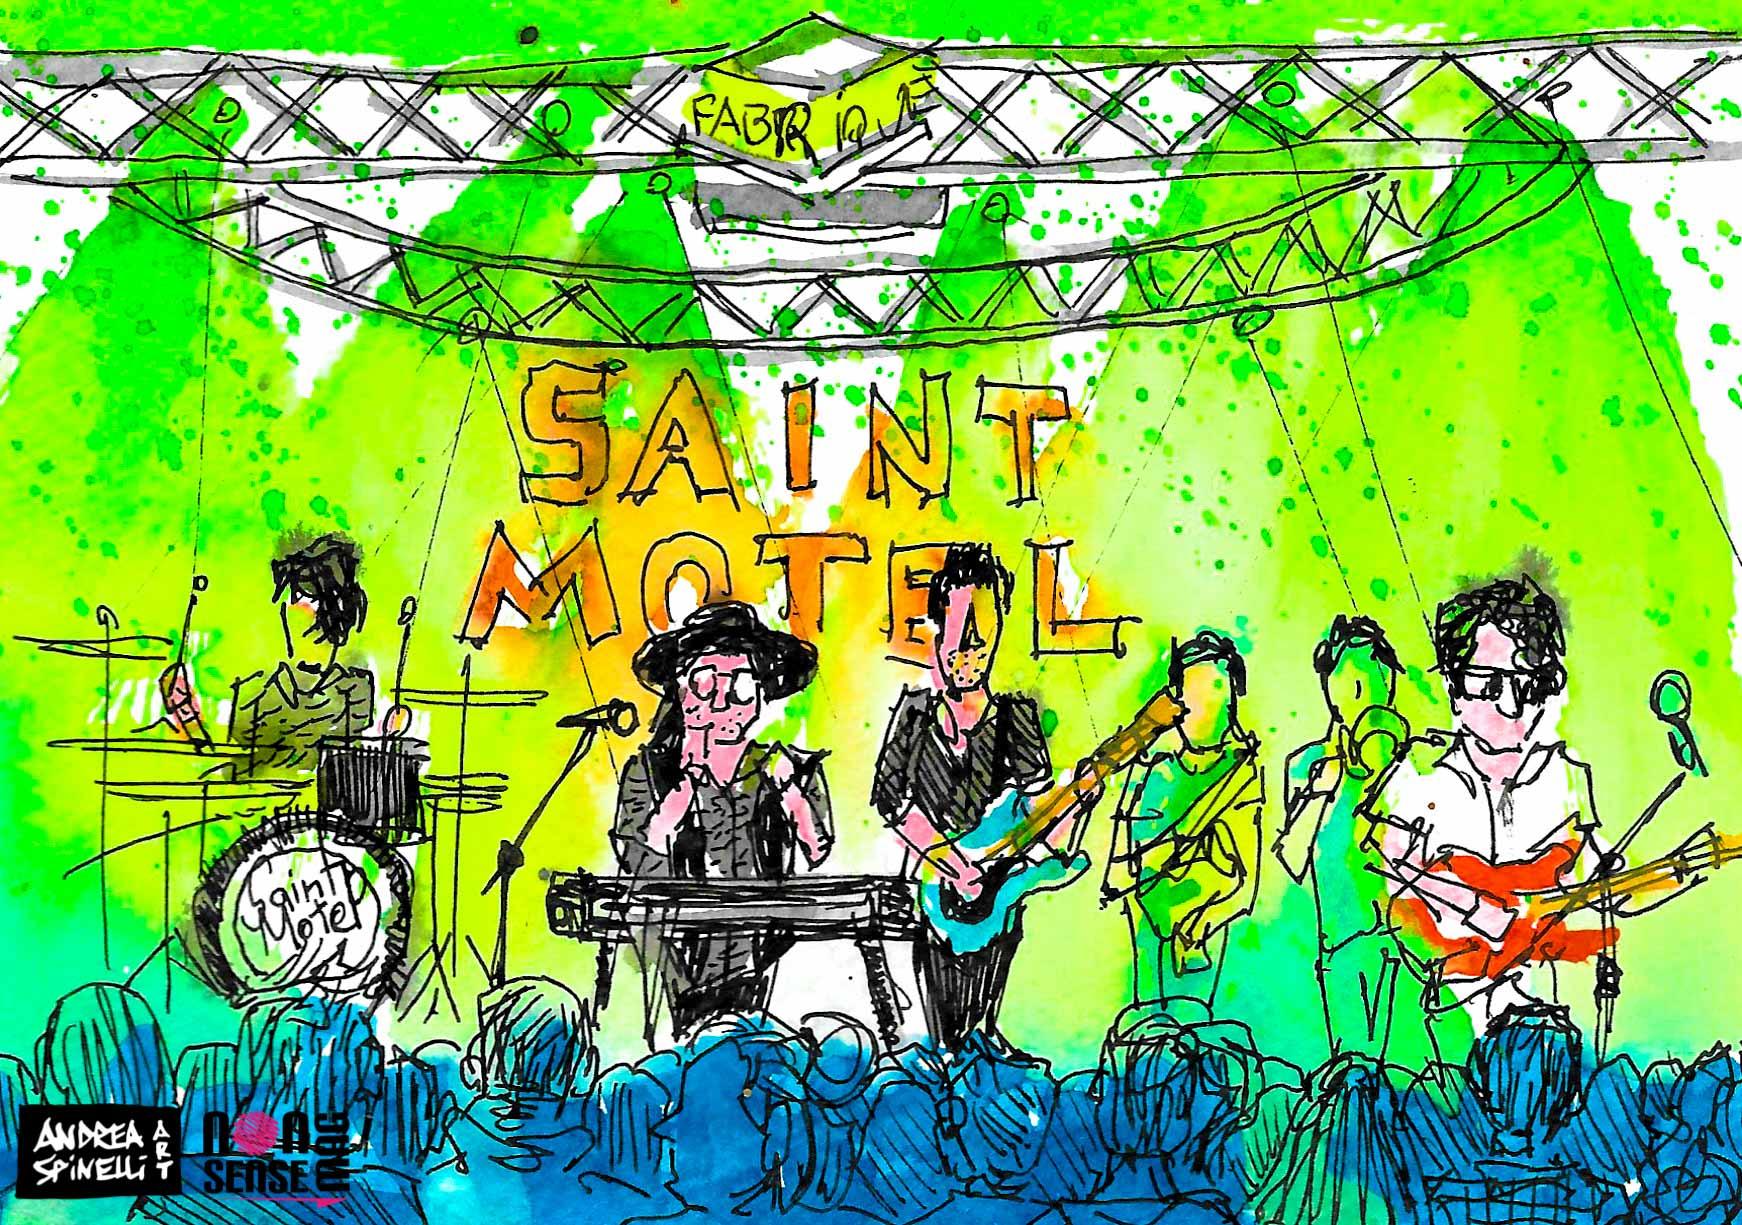 I Saint Motel ritratti dal vivo dal live painter Andrea Spinelli Art al Fabrique di Milano